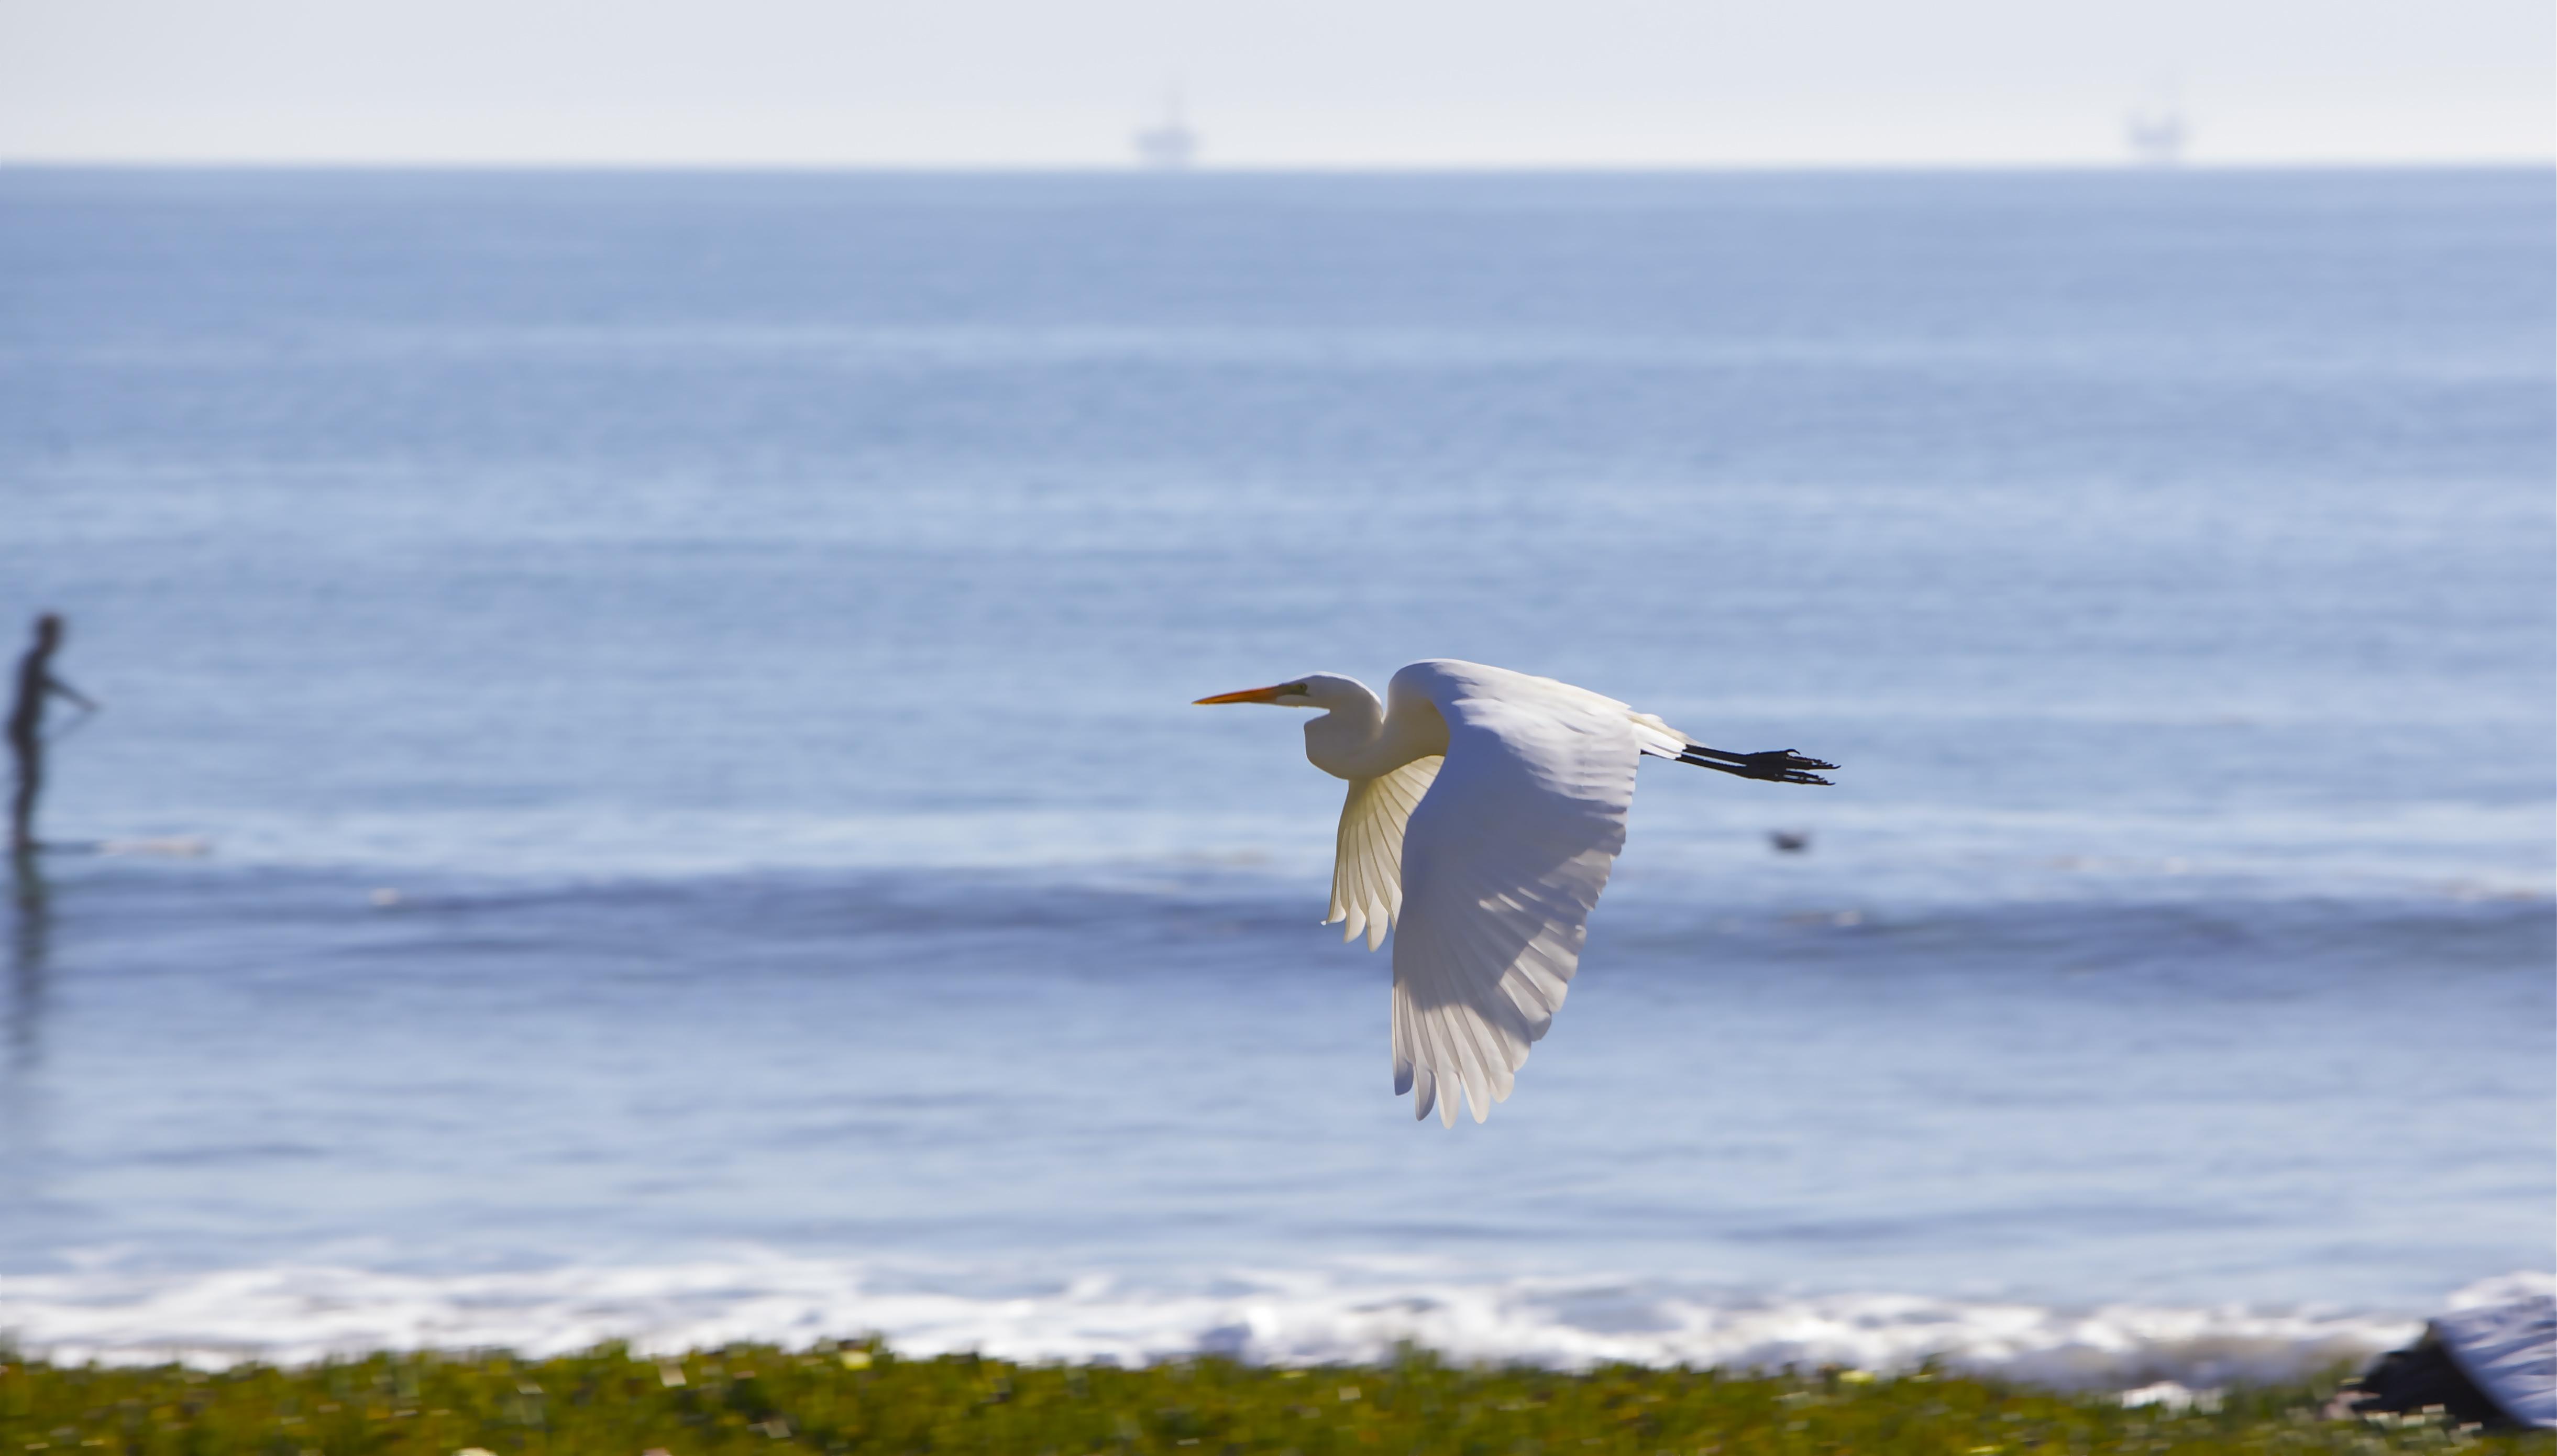 Egret grace